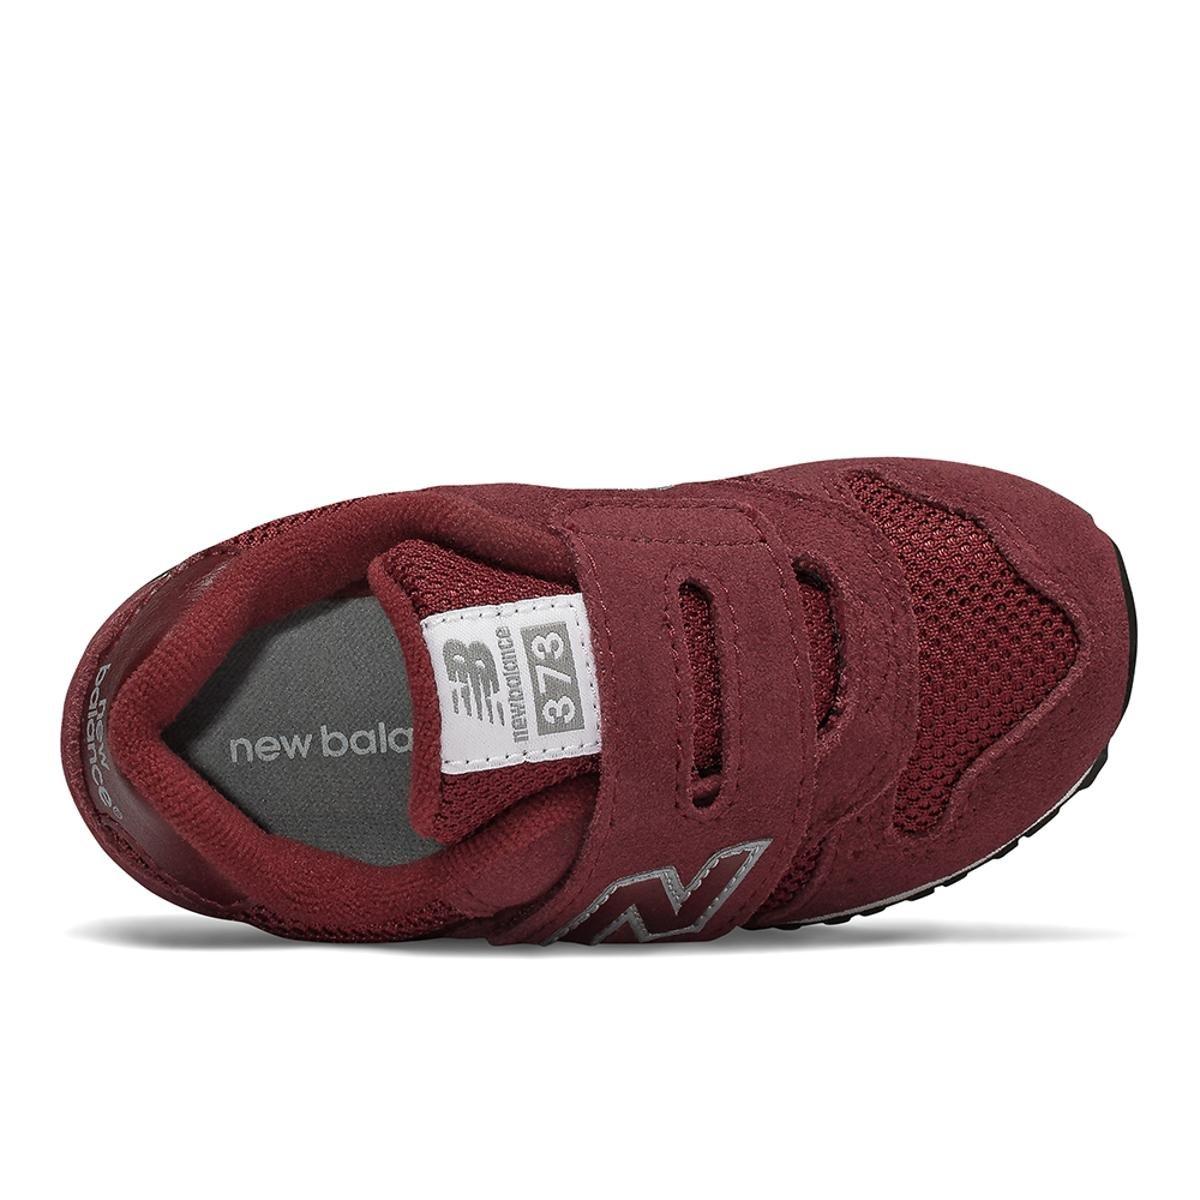 e44e4d529f4 Tênis Infantil New Balance 373 Masculino - Vermelho - Compre Agora ...